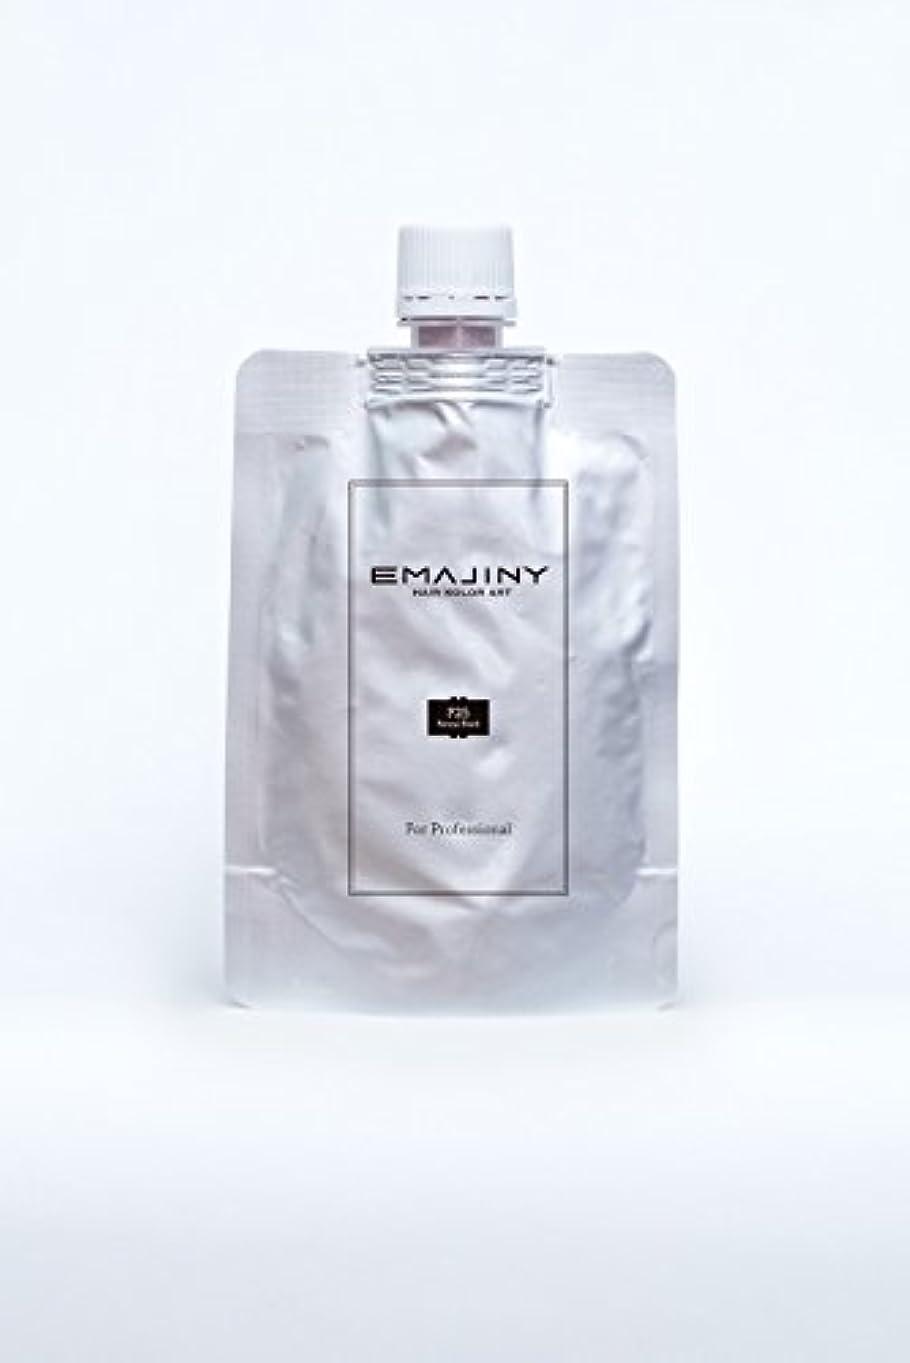 口良心アマチュアEMAJINY Formal Black F25(ブラックカラーワックス)黒プロフェッショナル100g大容量パック【日本製】【無香料】